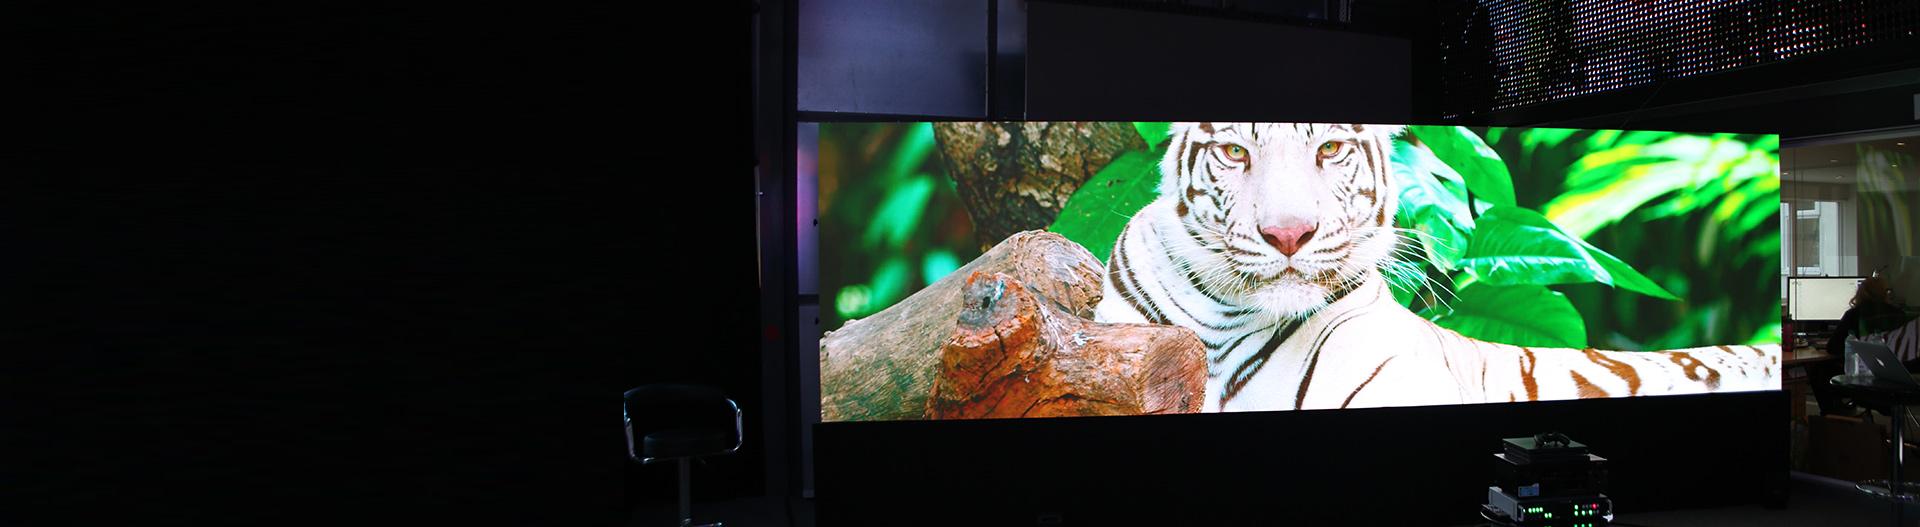 led-screen-banner-1